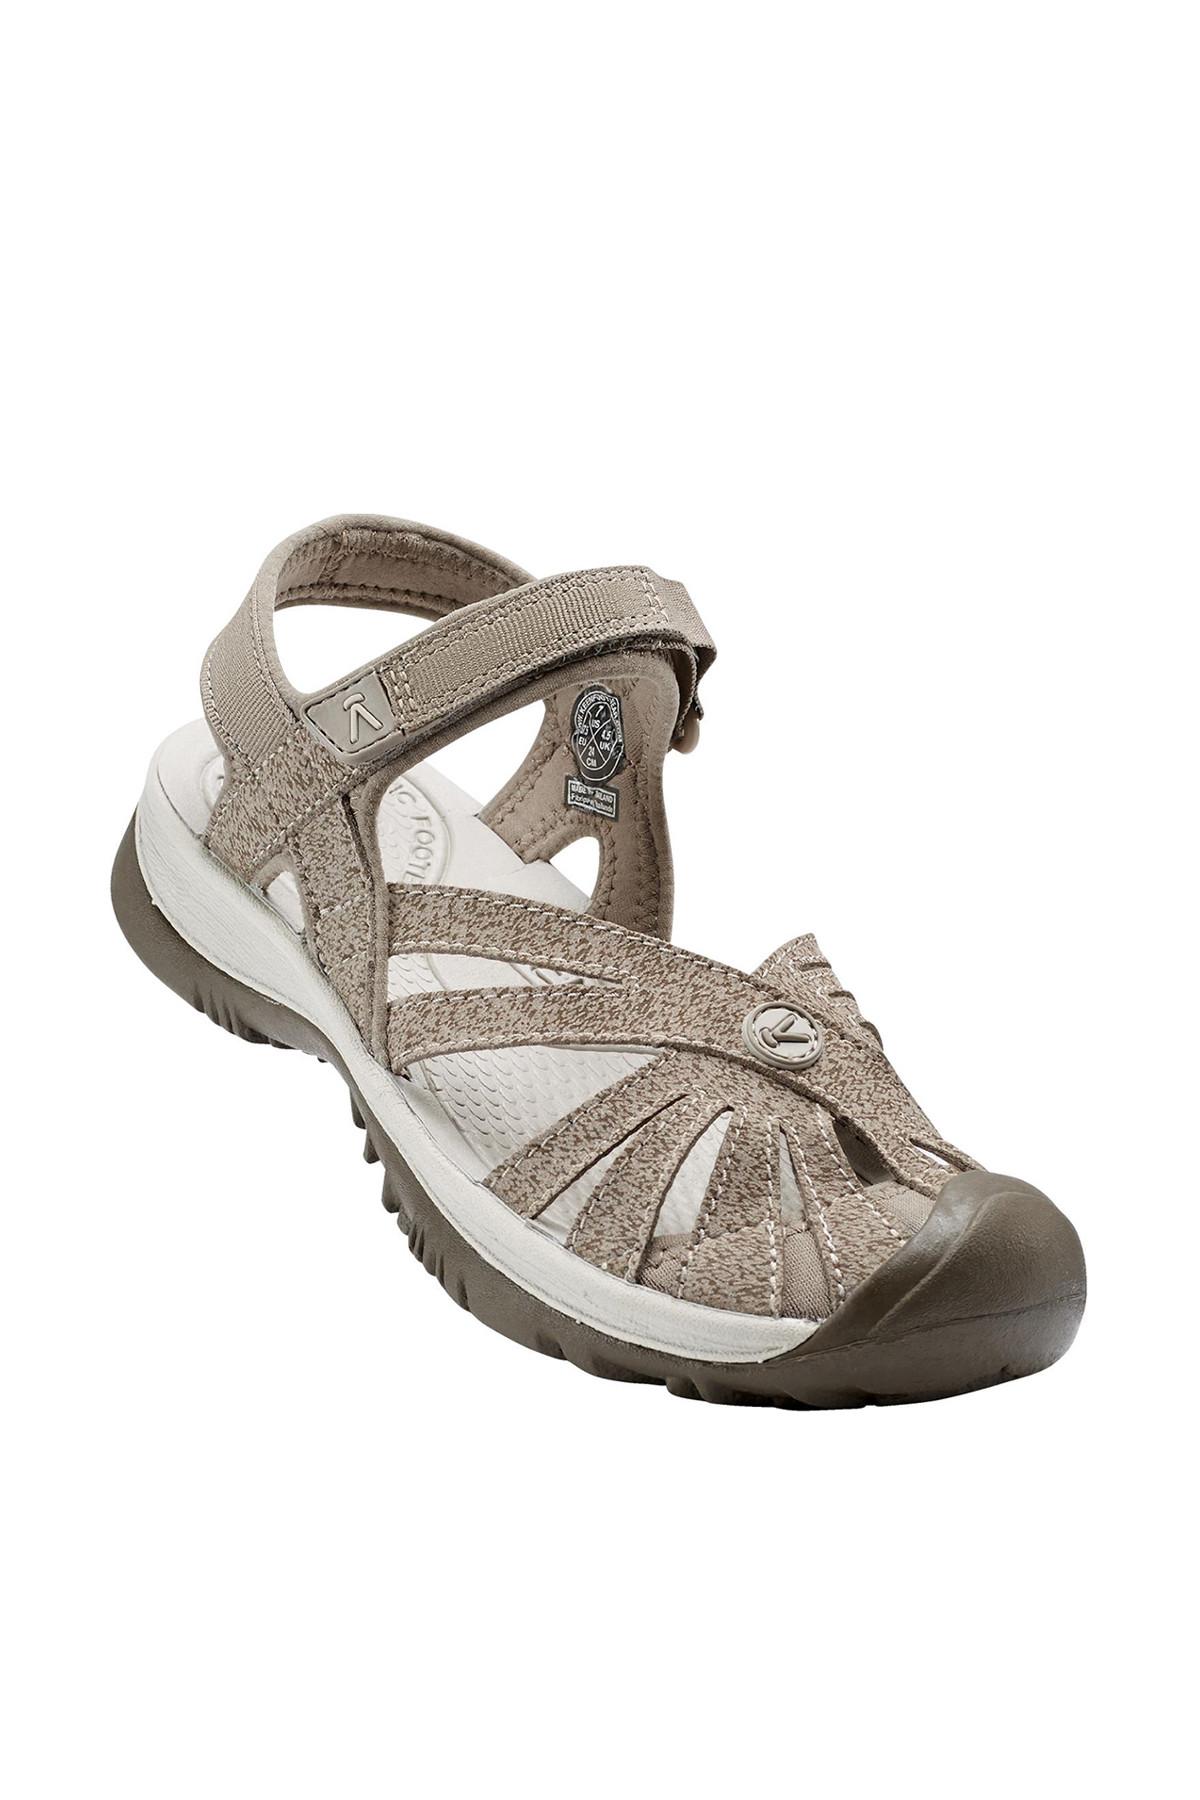 Keen Kadın Sandalet Bej 1016729 1